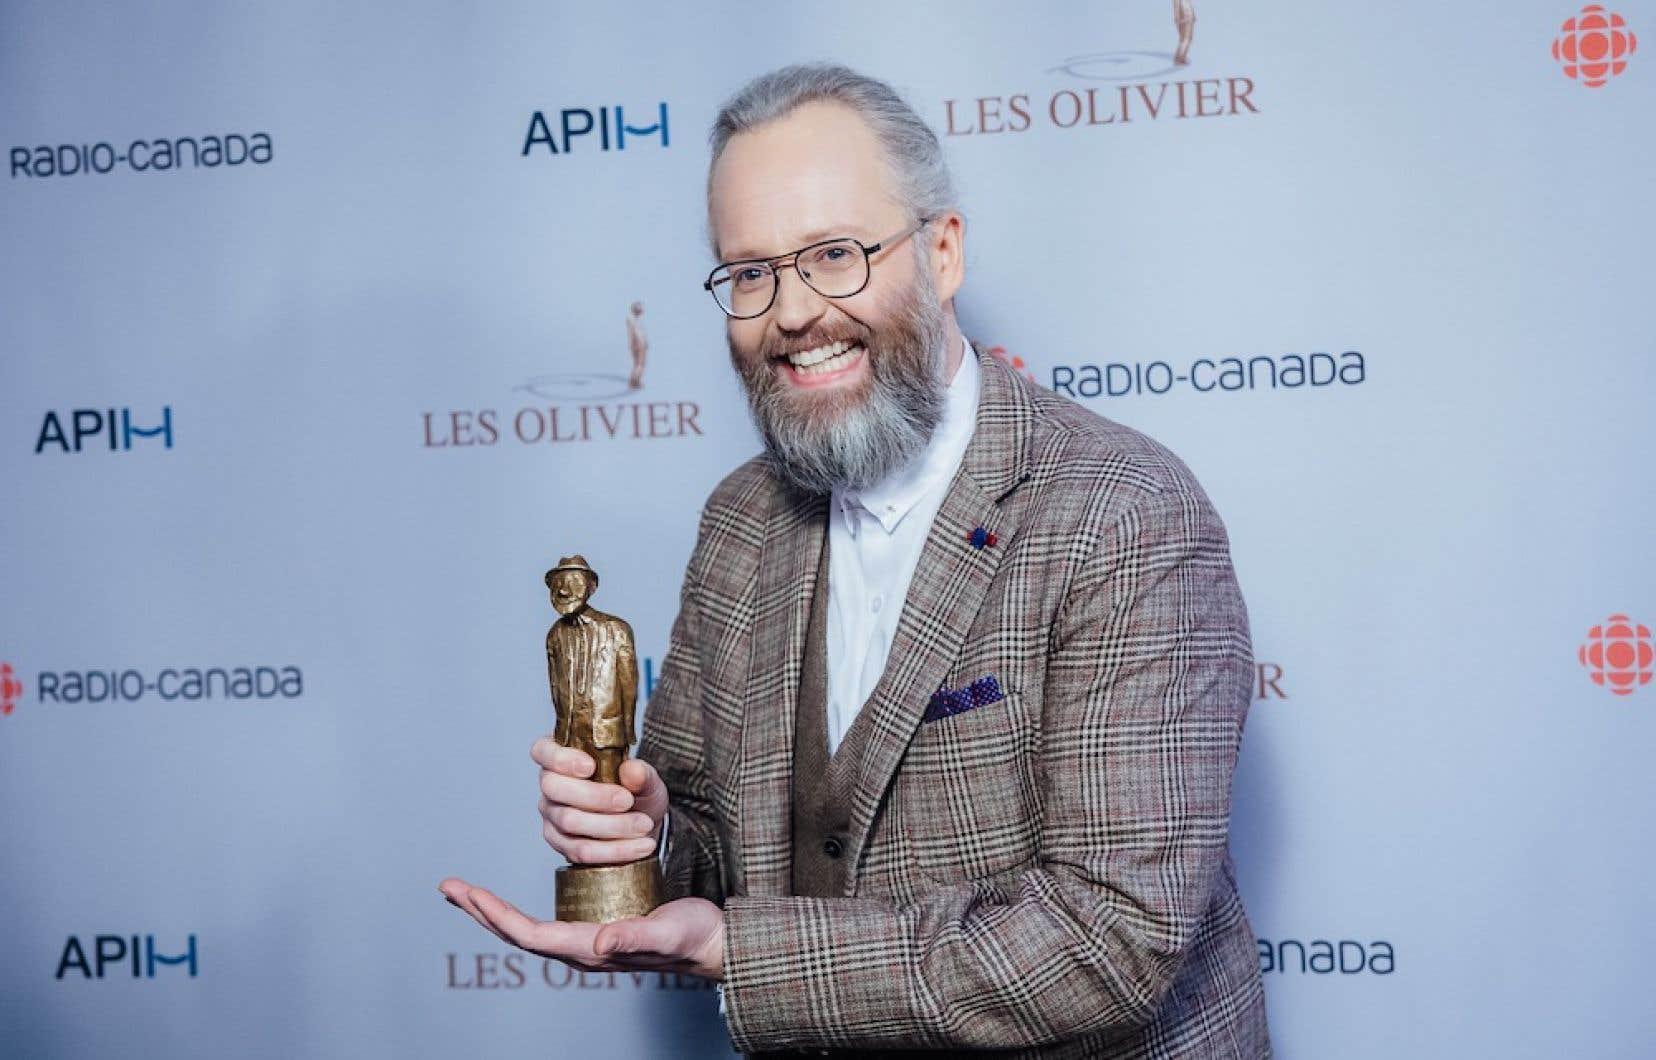 L'humoriste François Bellefeuillea remporté l'Olivier de l'année.